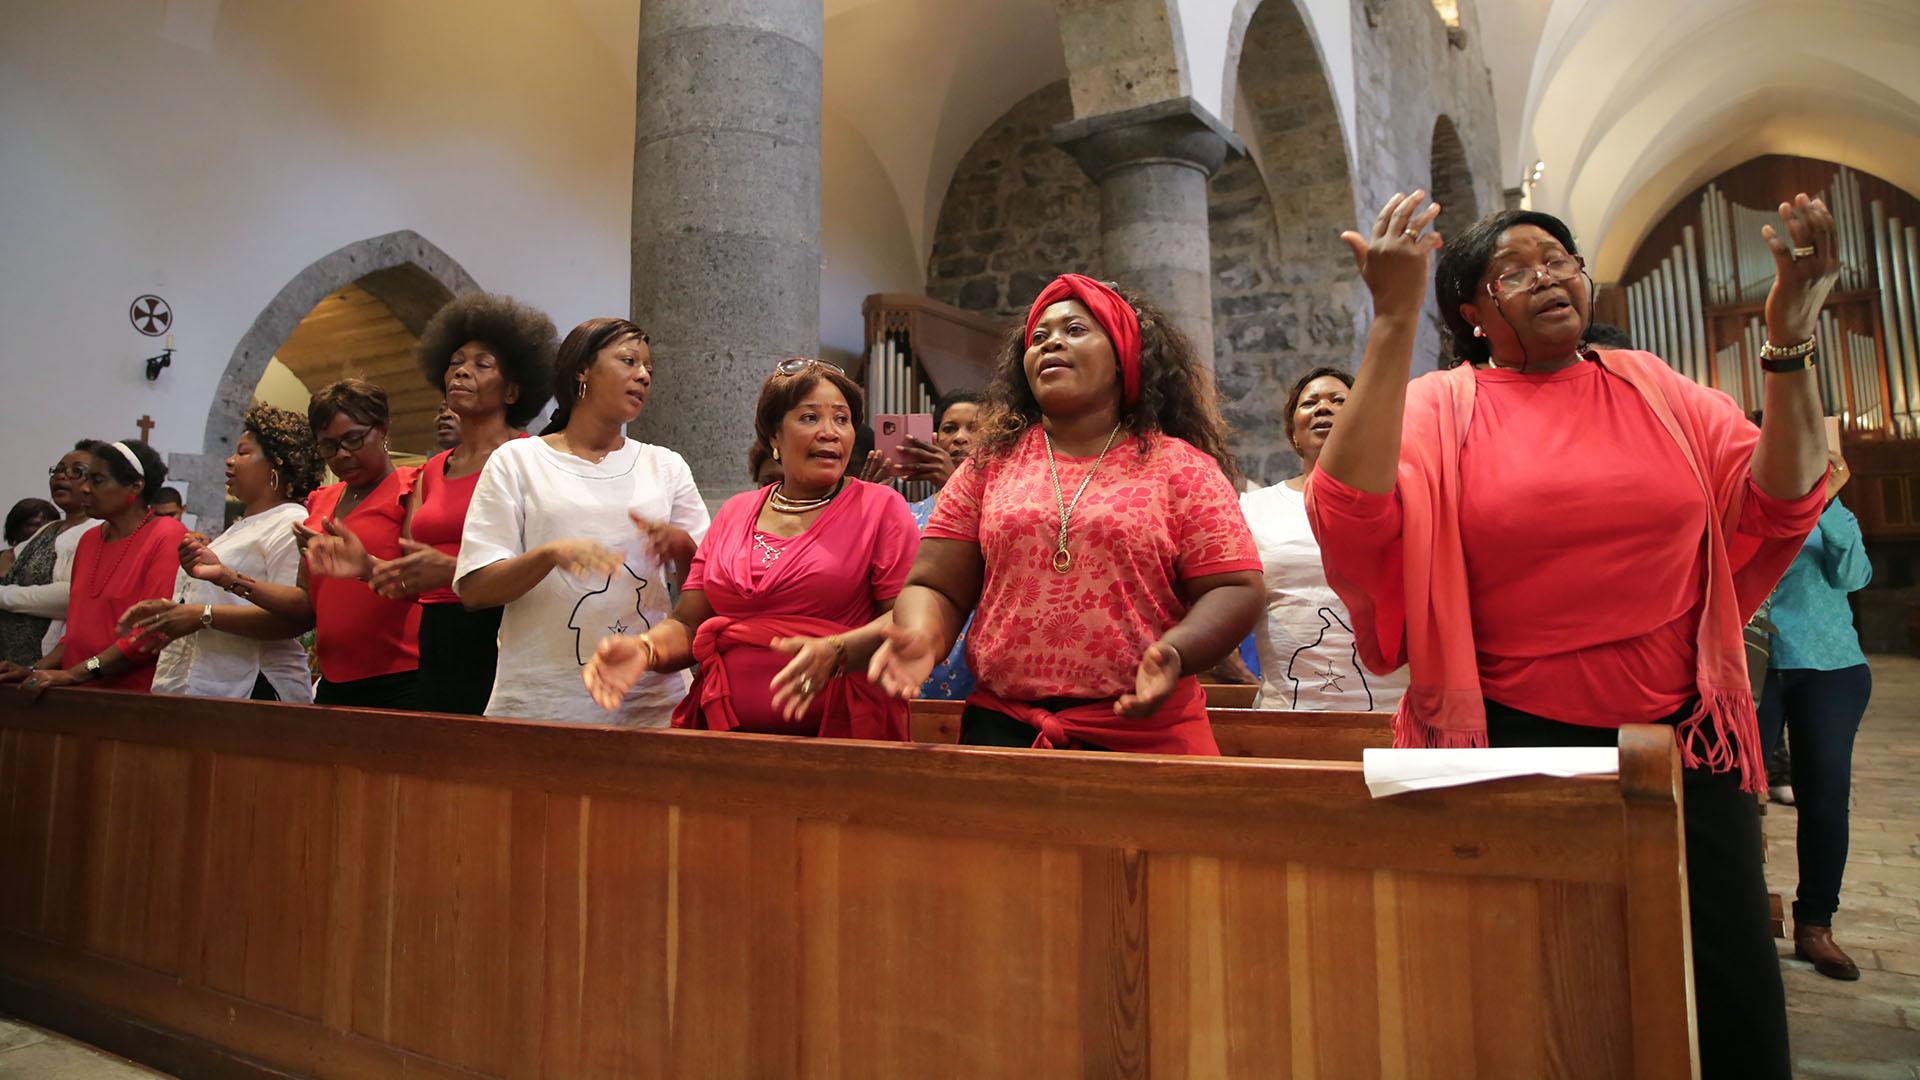 femmes africaines datant des sites ce que c'est comme sortir avec moi Tumblr